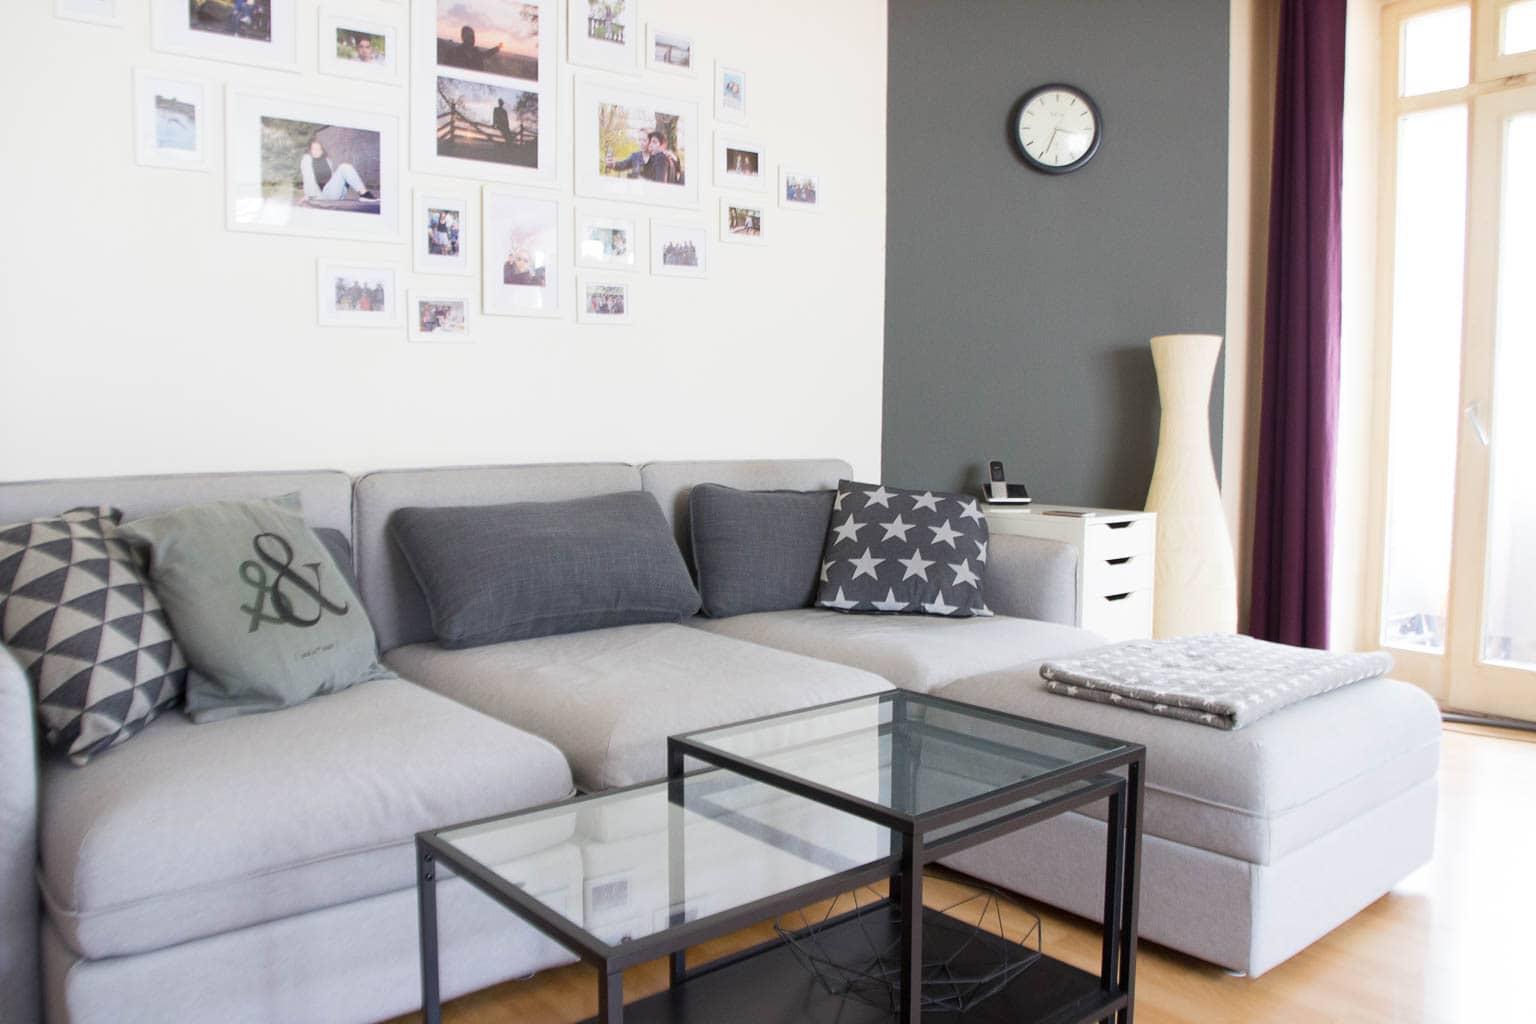 Wohnzimmer organisieren